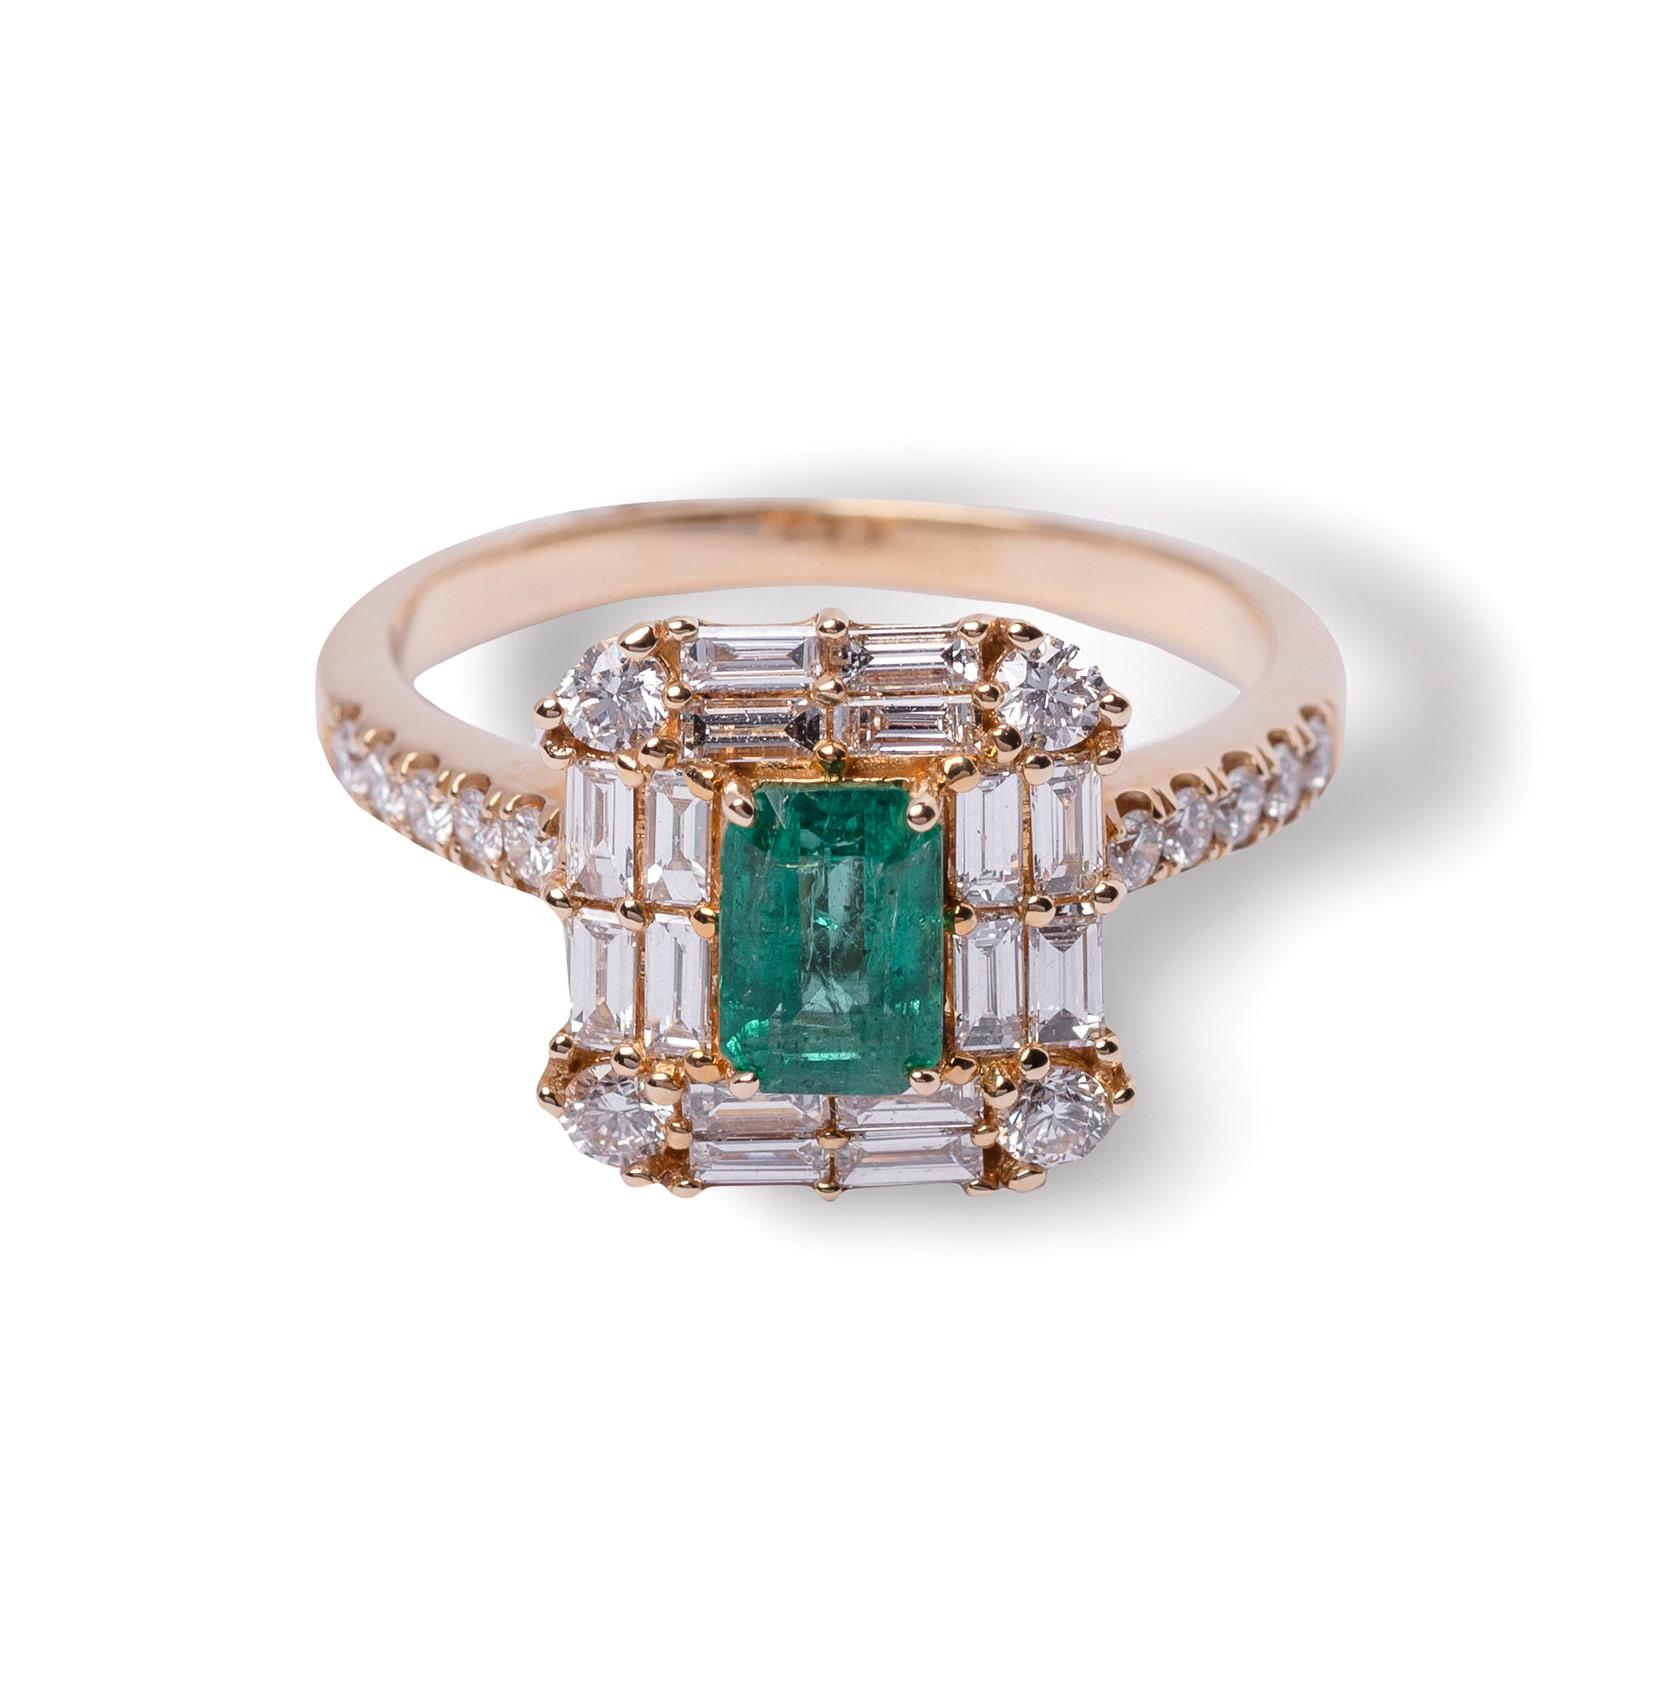 Δαχτυλίδι κίτρινο χρυσό Κ18 με σμαράγδι και διαμάντια